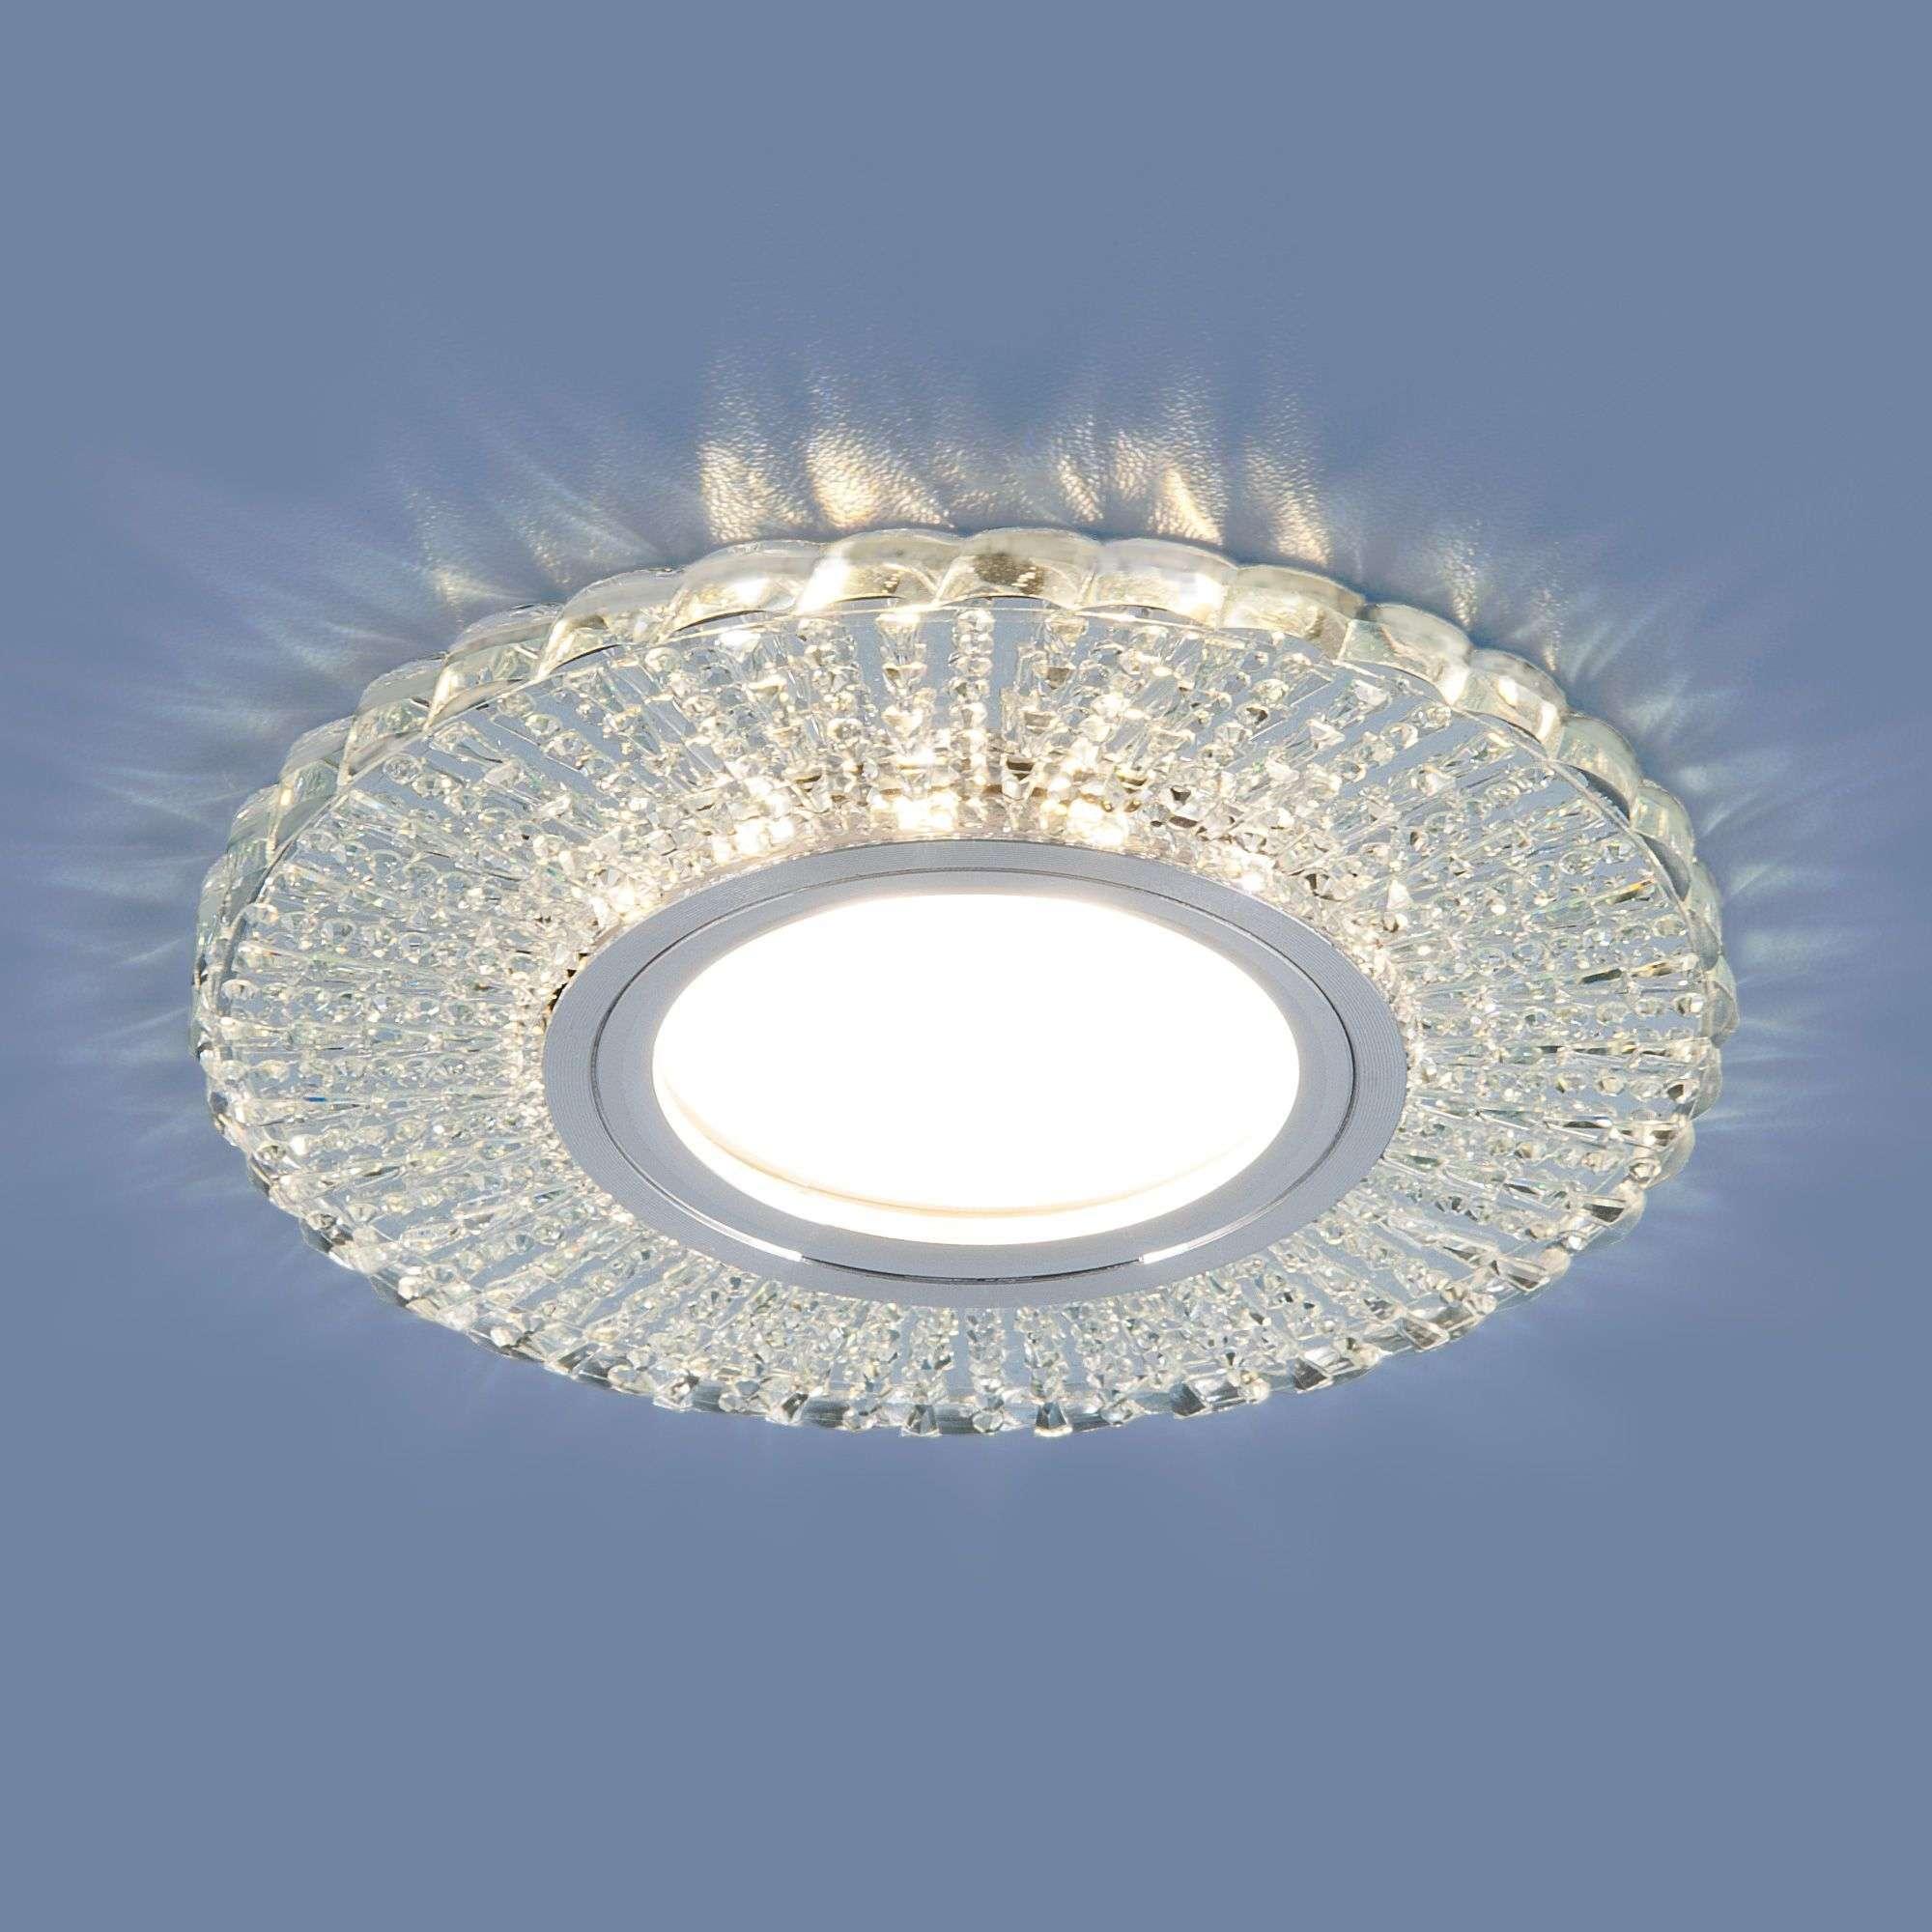 Встраиваемый потолочный светильник со светодиодной подсветкой 2233 MR16